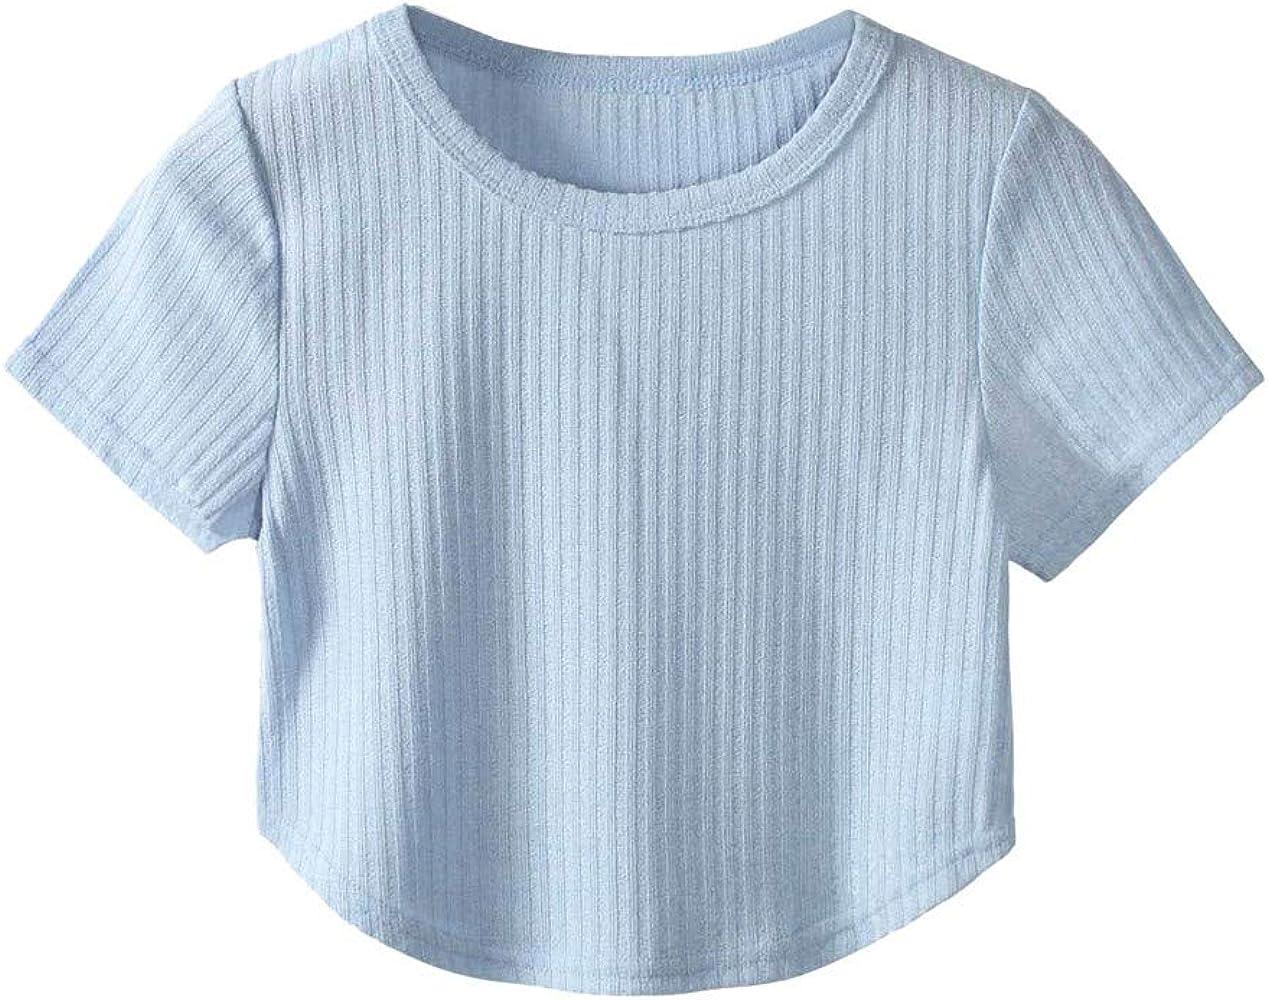 JUTOO Camisetas Mujer Verano Camisetas de Mujer Verano Camisetas de Manga Corta Mujer Camiseta Manga Corta Camisetas Blanca Mujer Manga Corta Blusa Blanca Mujer Talla Grande Blusa Blanca Mujer Encaje: Amazon.es: Ropa